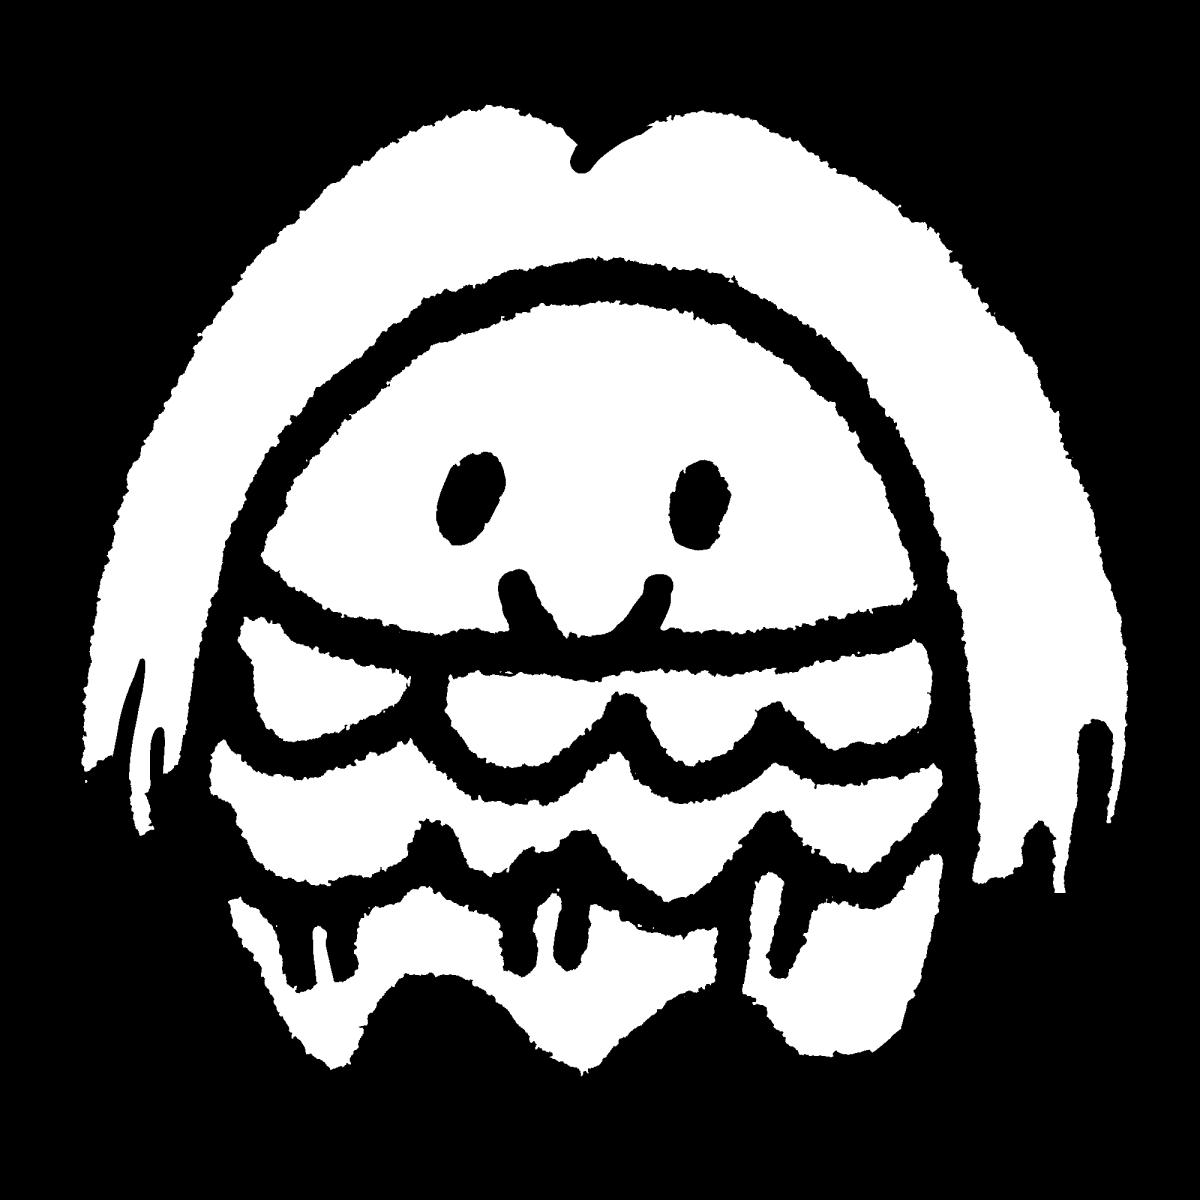 アマビエ1(2種)丸いのイラスト / Amabie1 (2types) Illustration